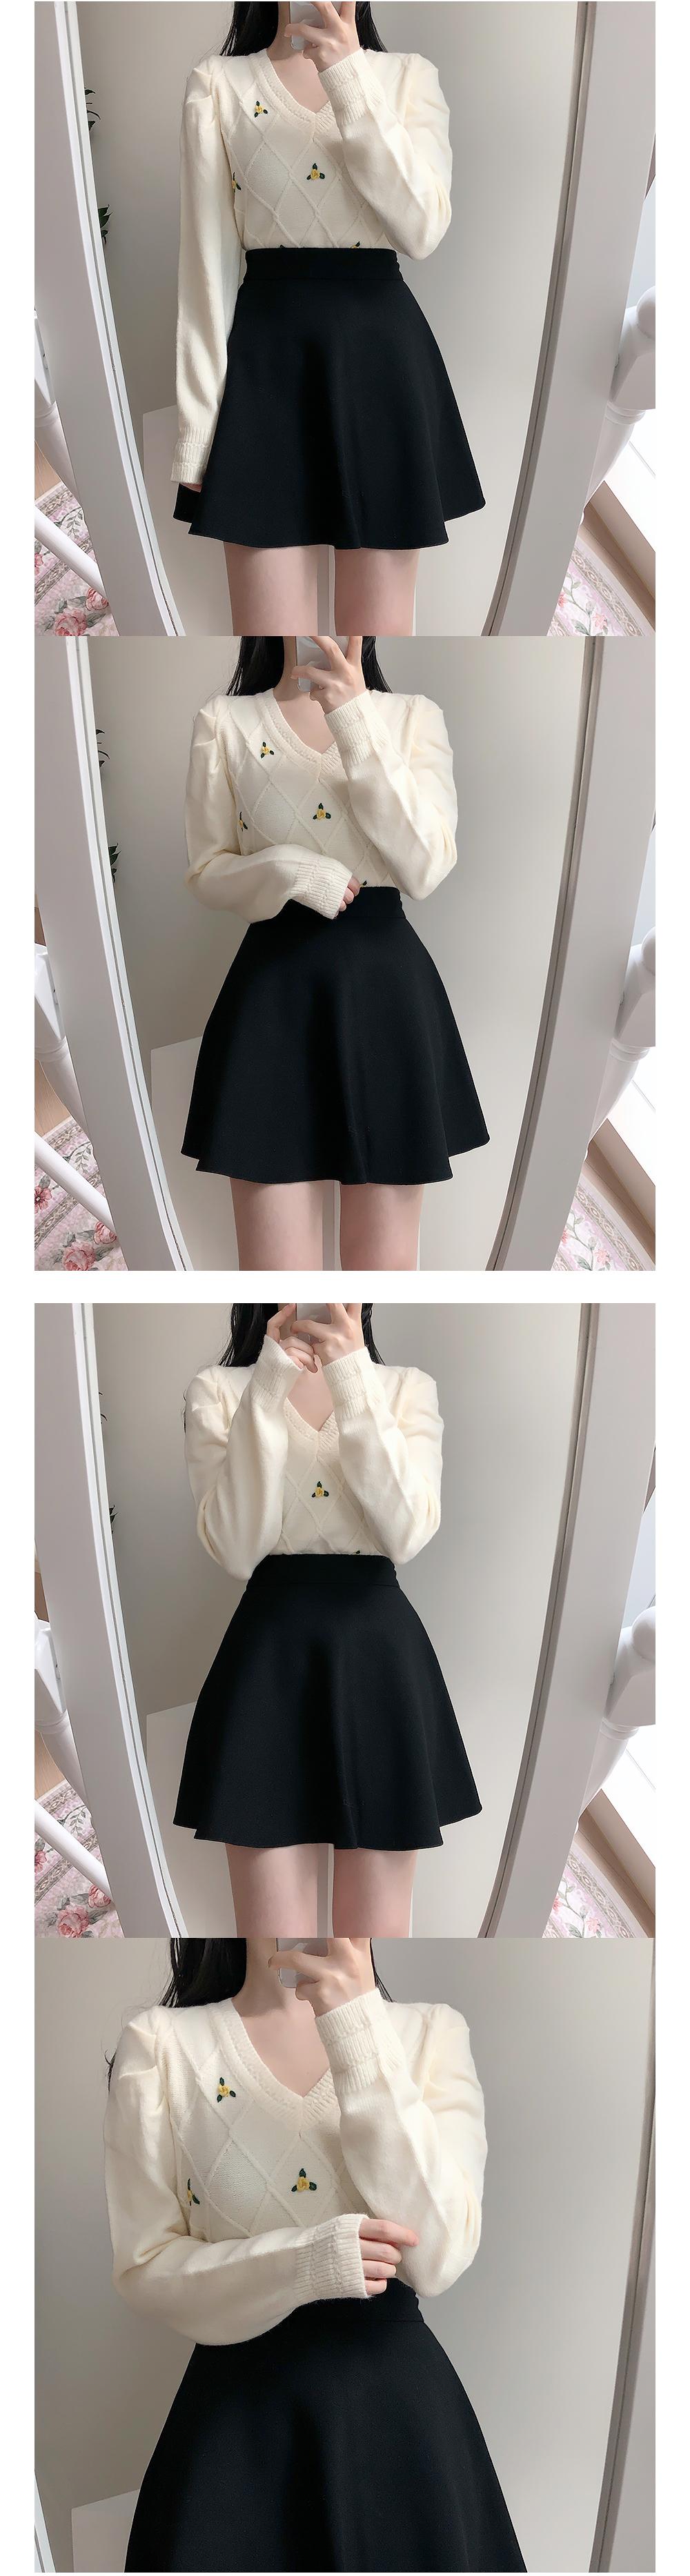 skirt detail image-S1L12